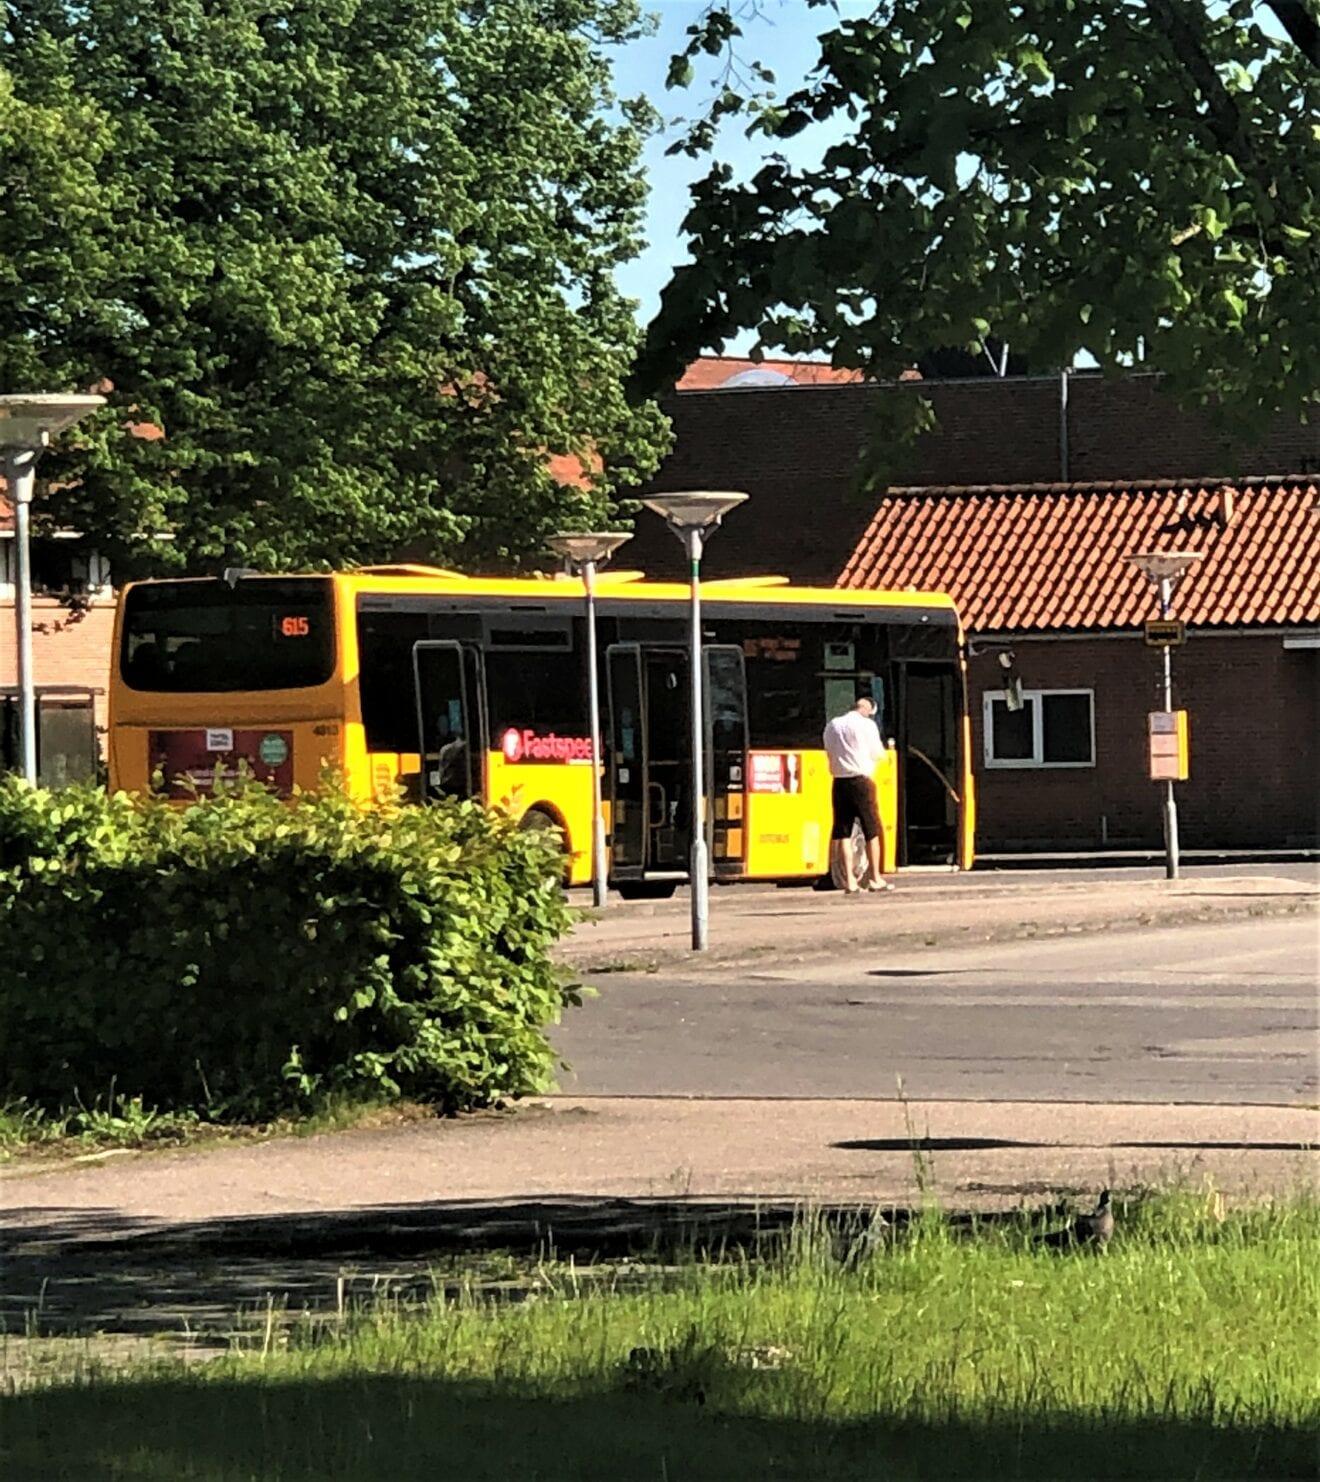 Nu lempes krav om mundbind i Movias busser, lokaltoge og flextrafik